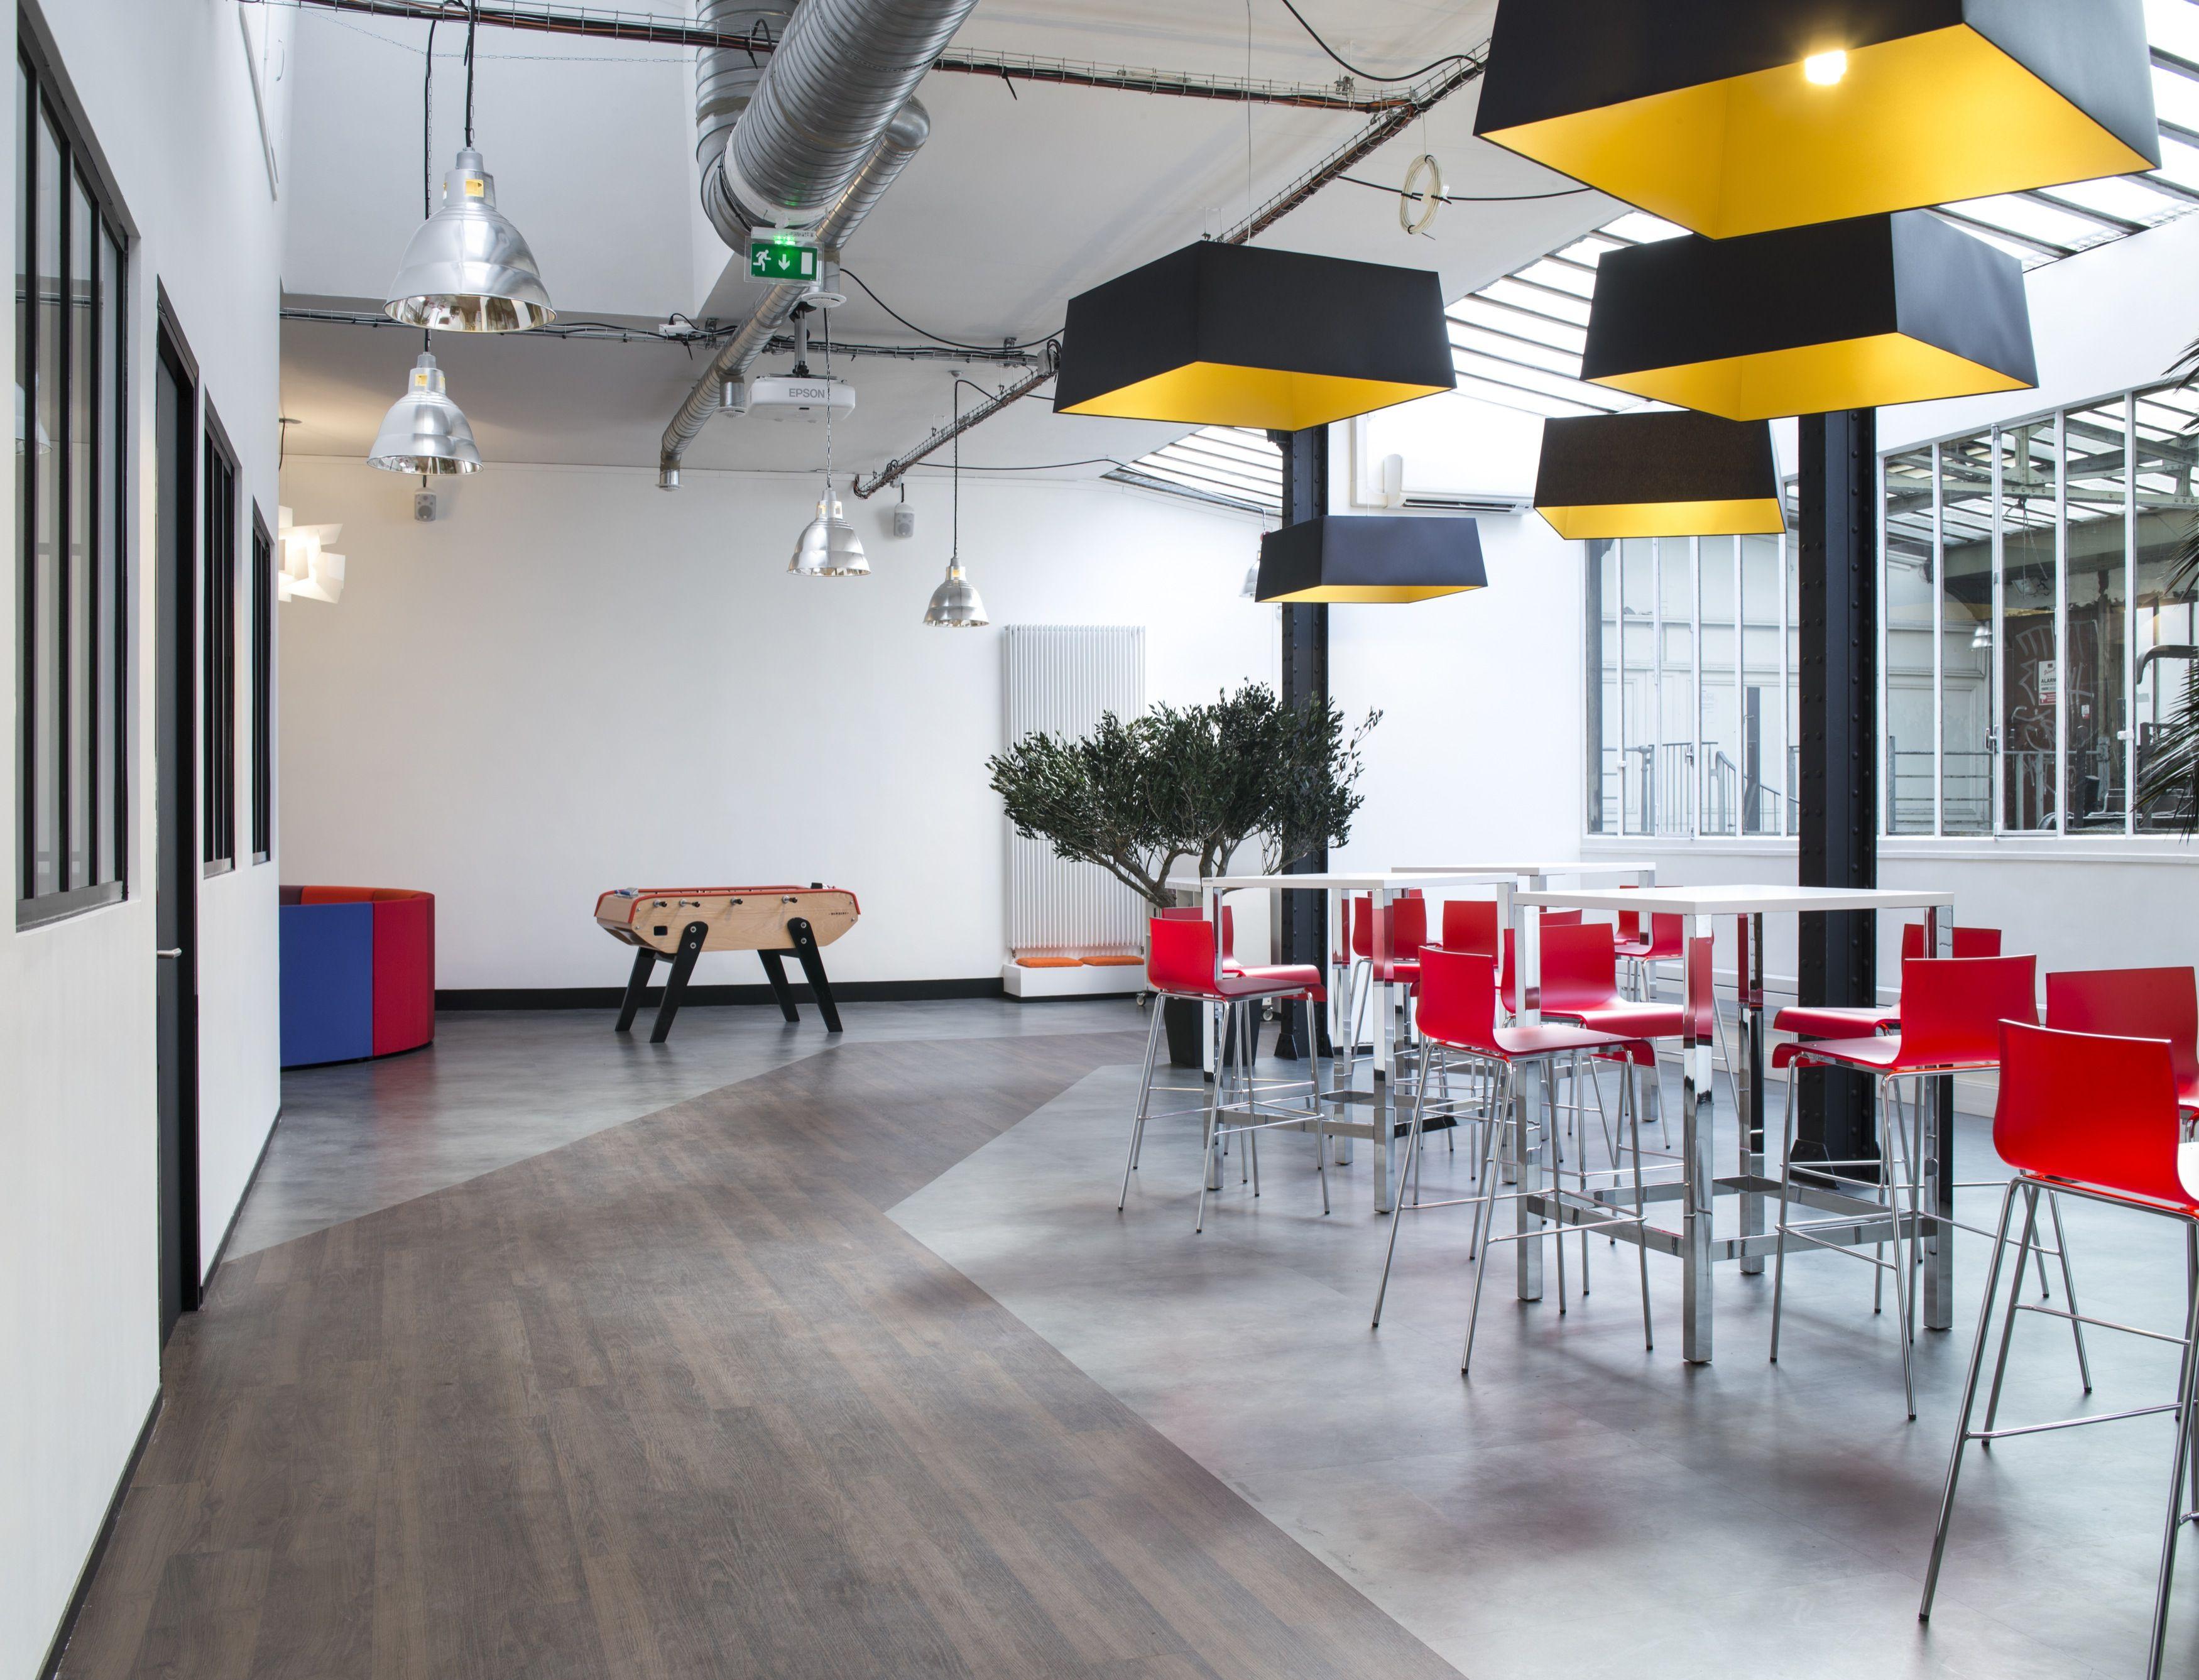 comment am nager un tiers lieux au sein de votre entreprise style design bureau bureaux. Black Bedroom Furniture Sets. Home Design Ideas